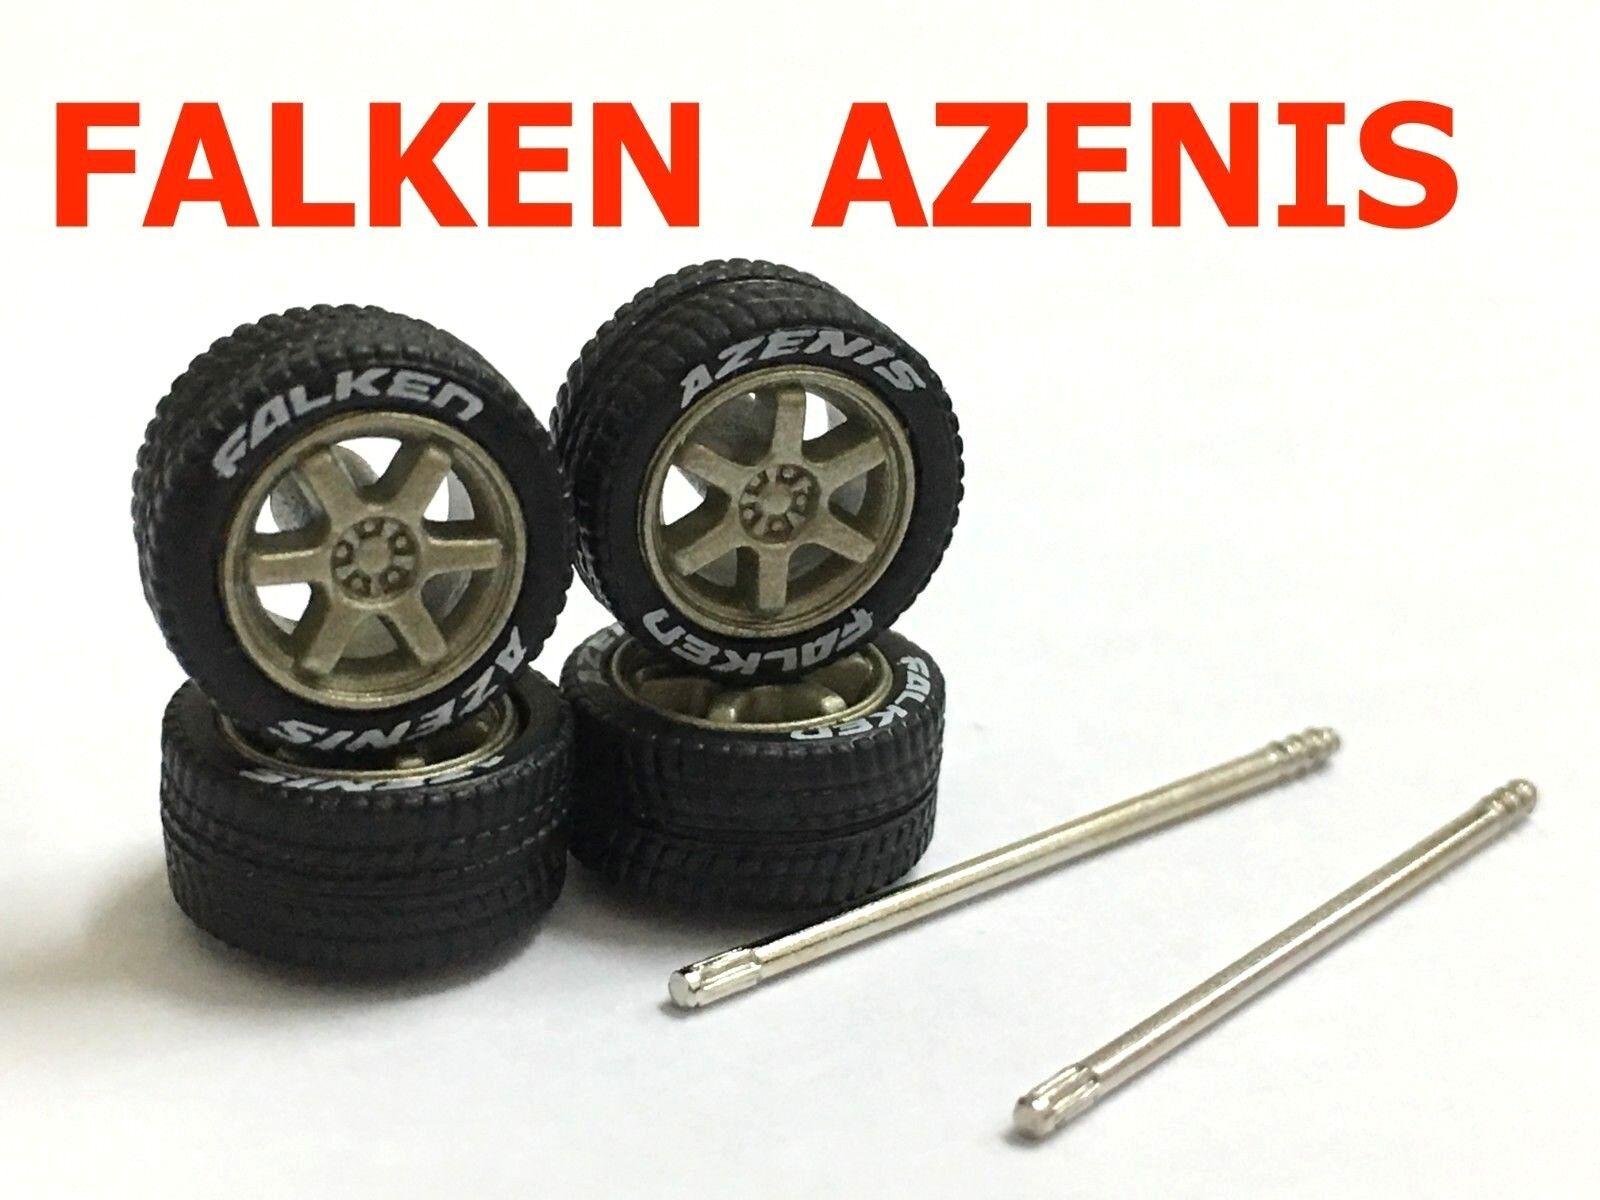 1 64 rubber rubber rubber tires TE37 Bronze rim fit Hot Wheels MBX diecast - 10 set - R009-10 687cd2